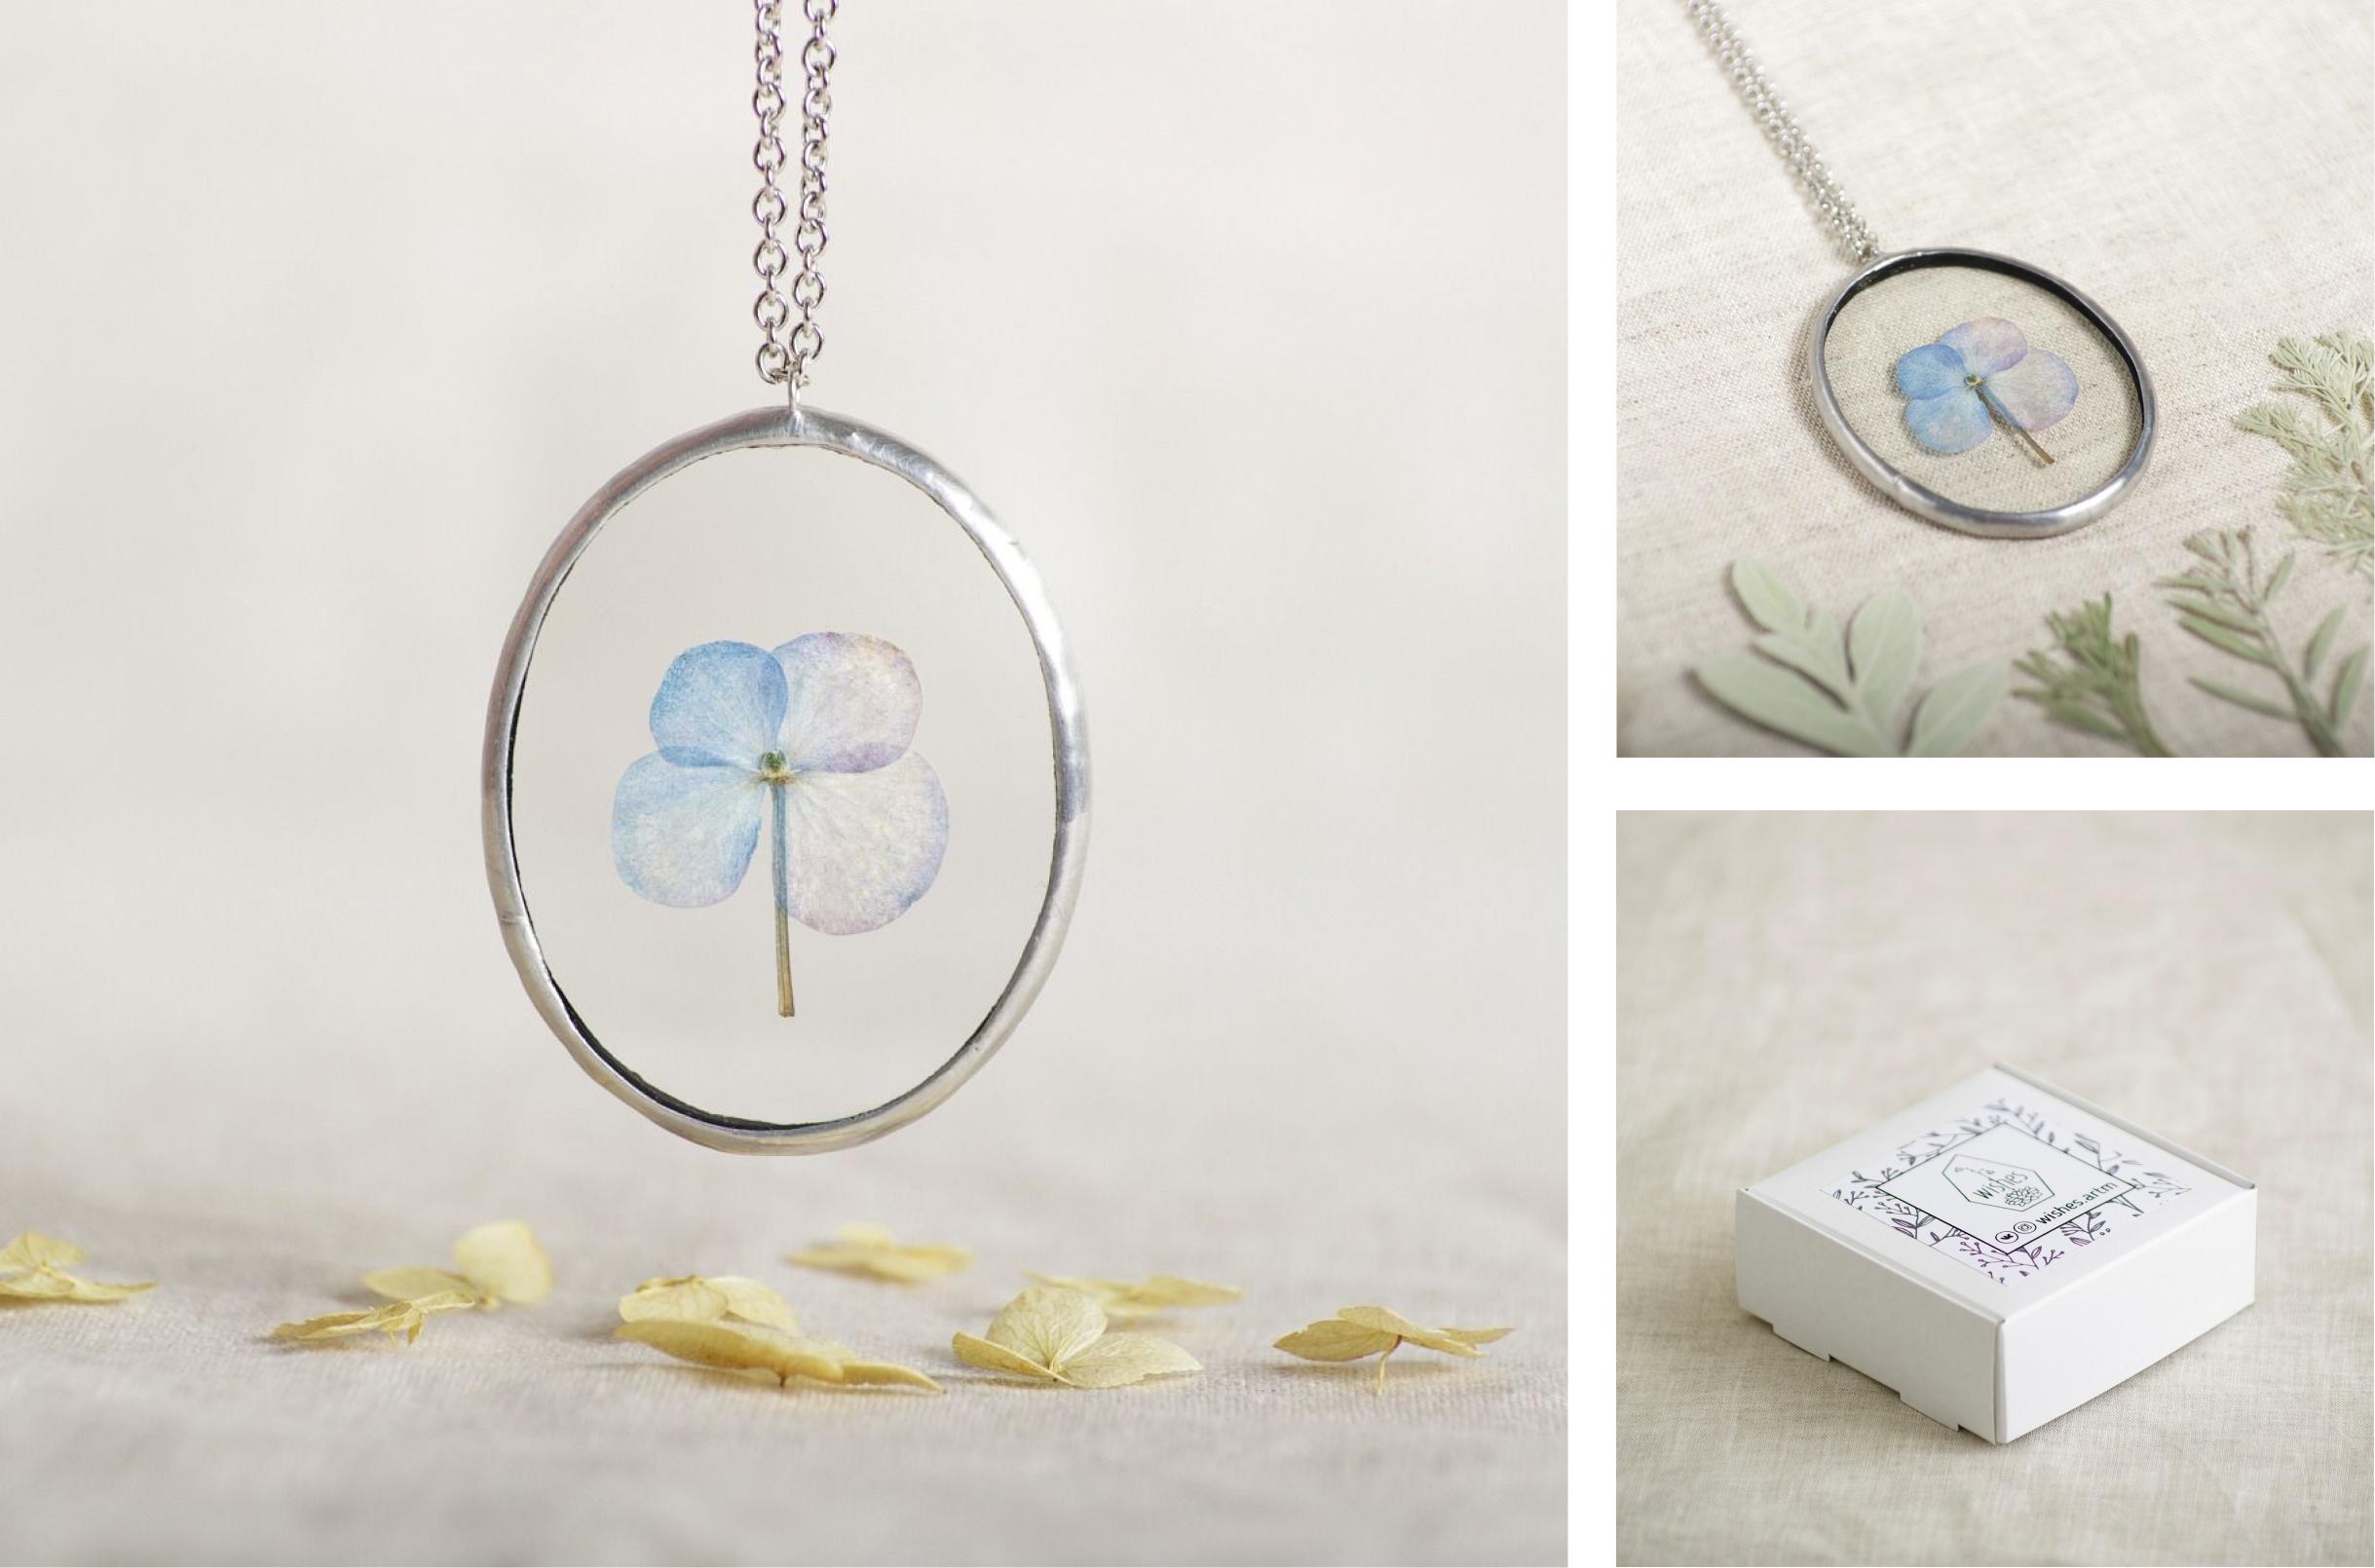 Крупные фотографии, светлый фон, сняты все детали, товар вместе с созвучным окружением, в упаковке (фотографии магазина «Wishes»)